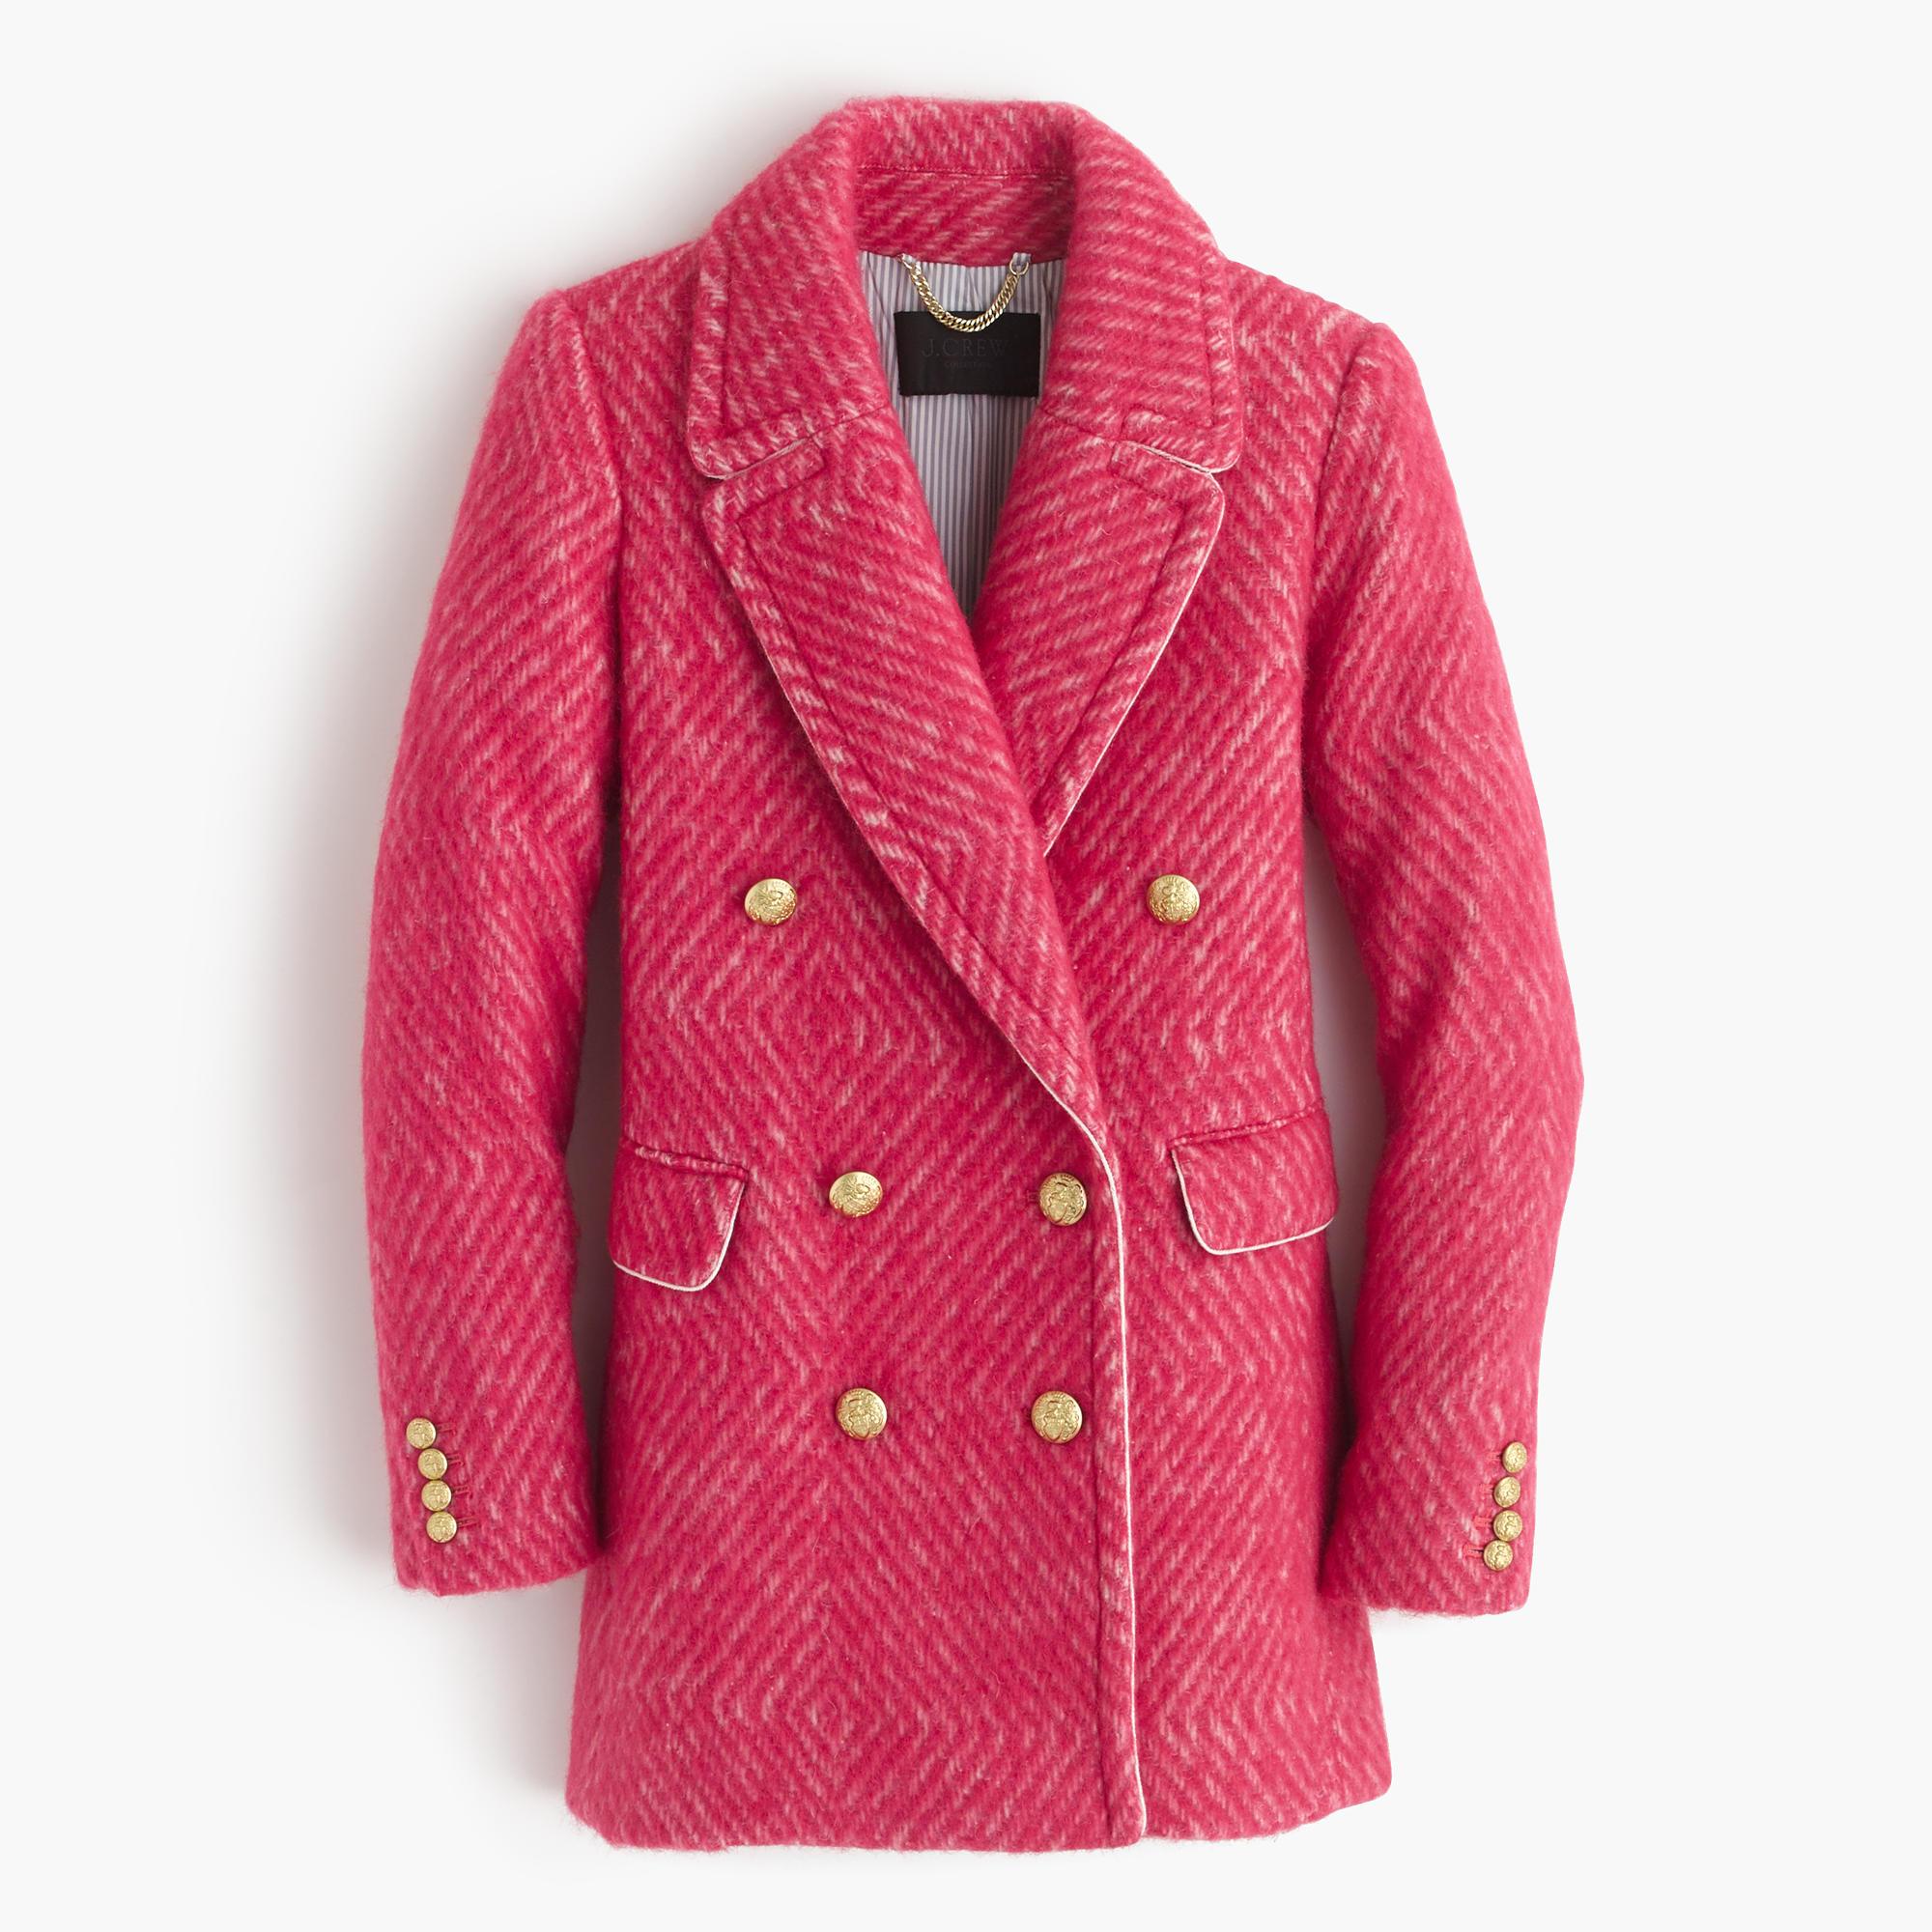 Diamond Tweed Coat : Women's Coats & Jackets | J.Crew